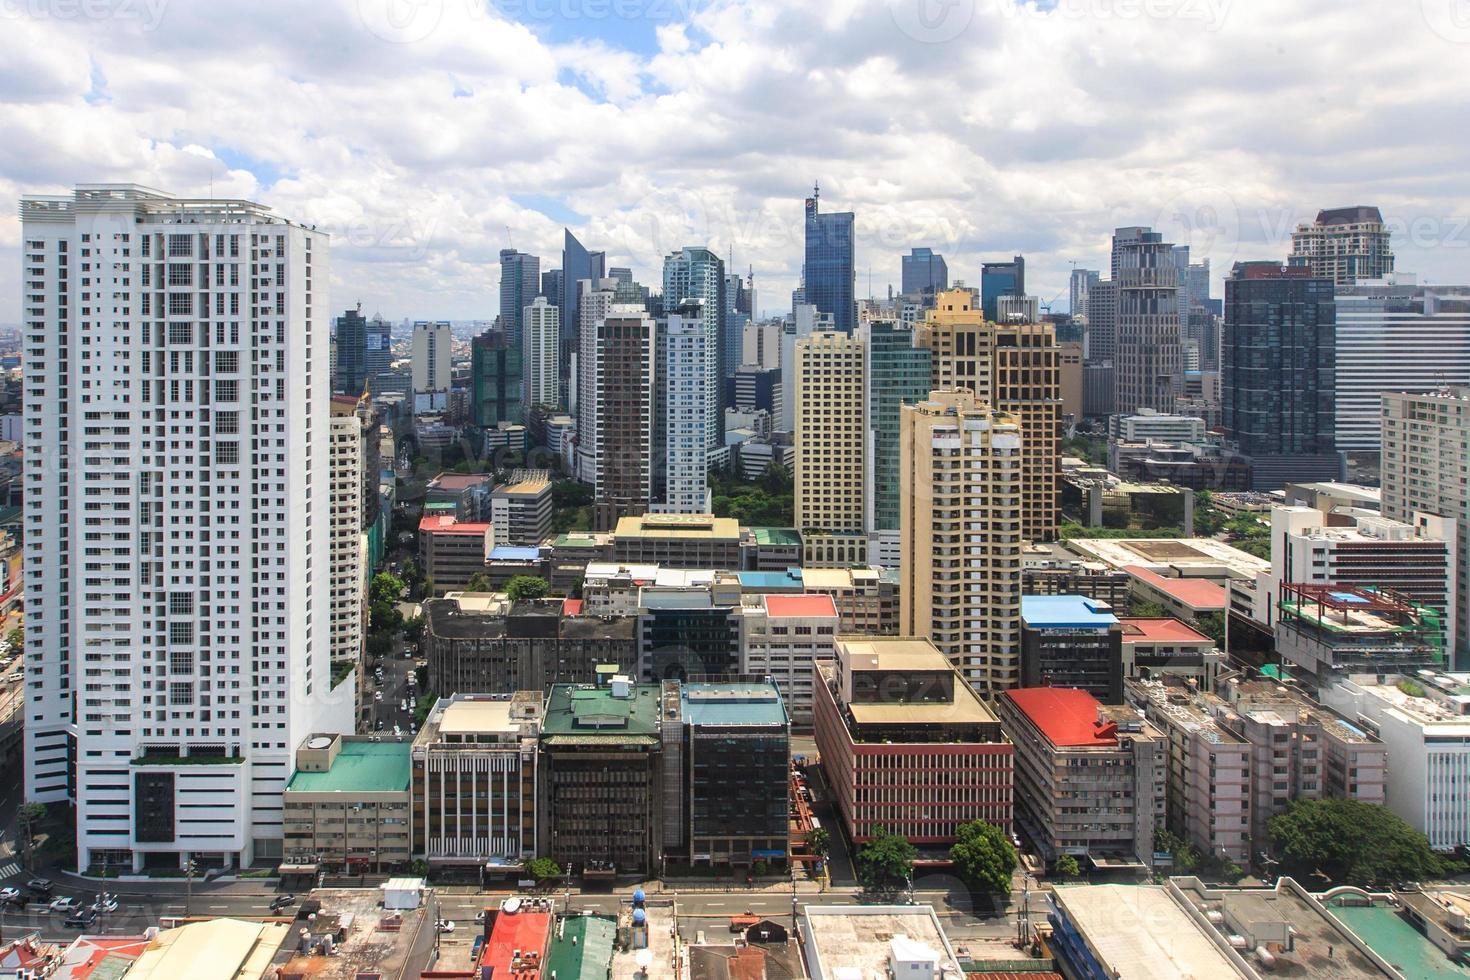 Skyline des zentralen Geschäftsviertels von Makati 30. Juli 2015 2 foto